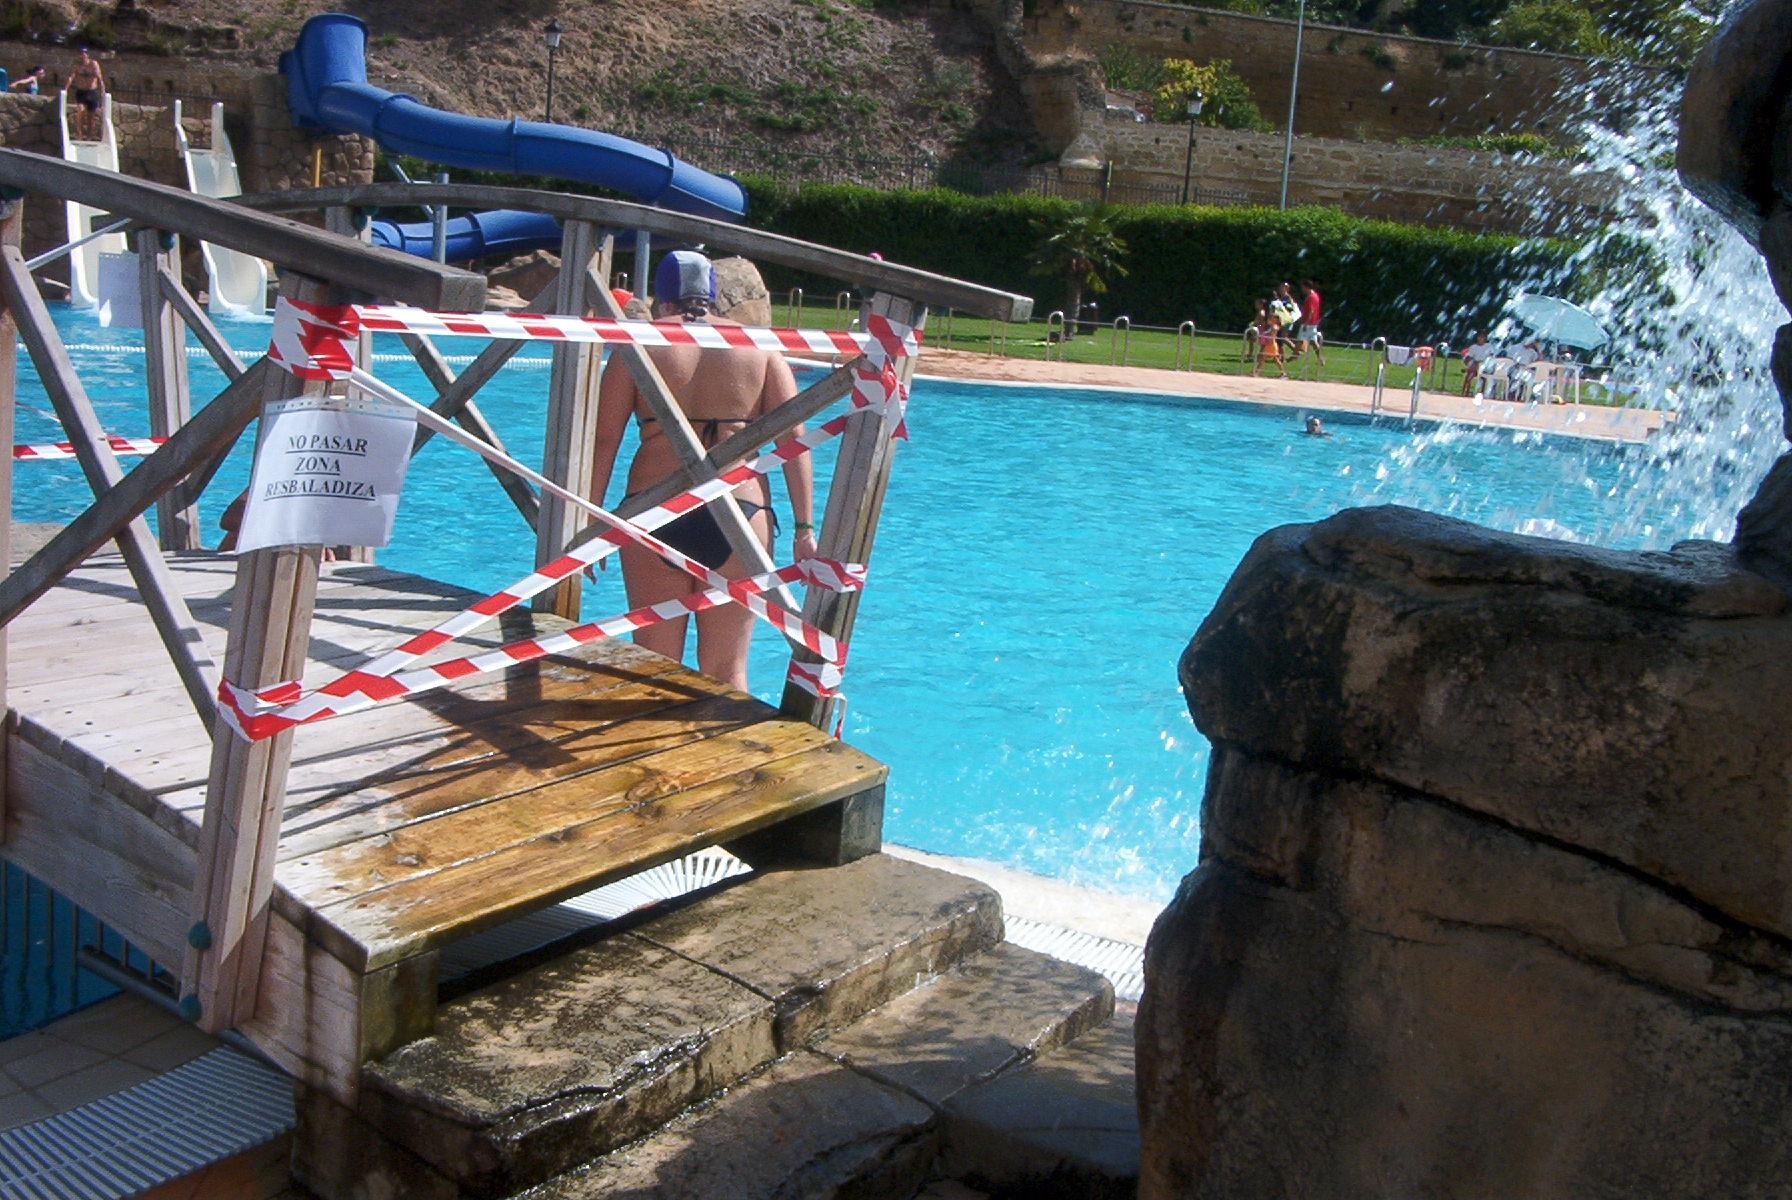 peligro piscinas de haro fotos de fotodenuncias